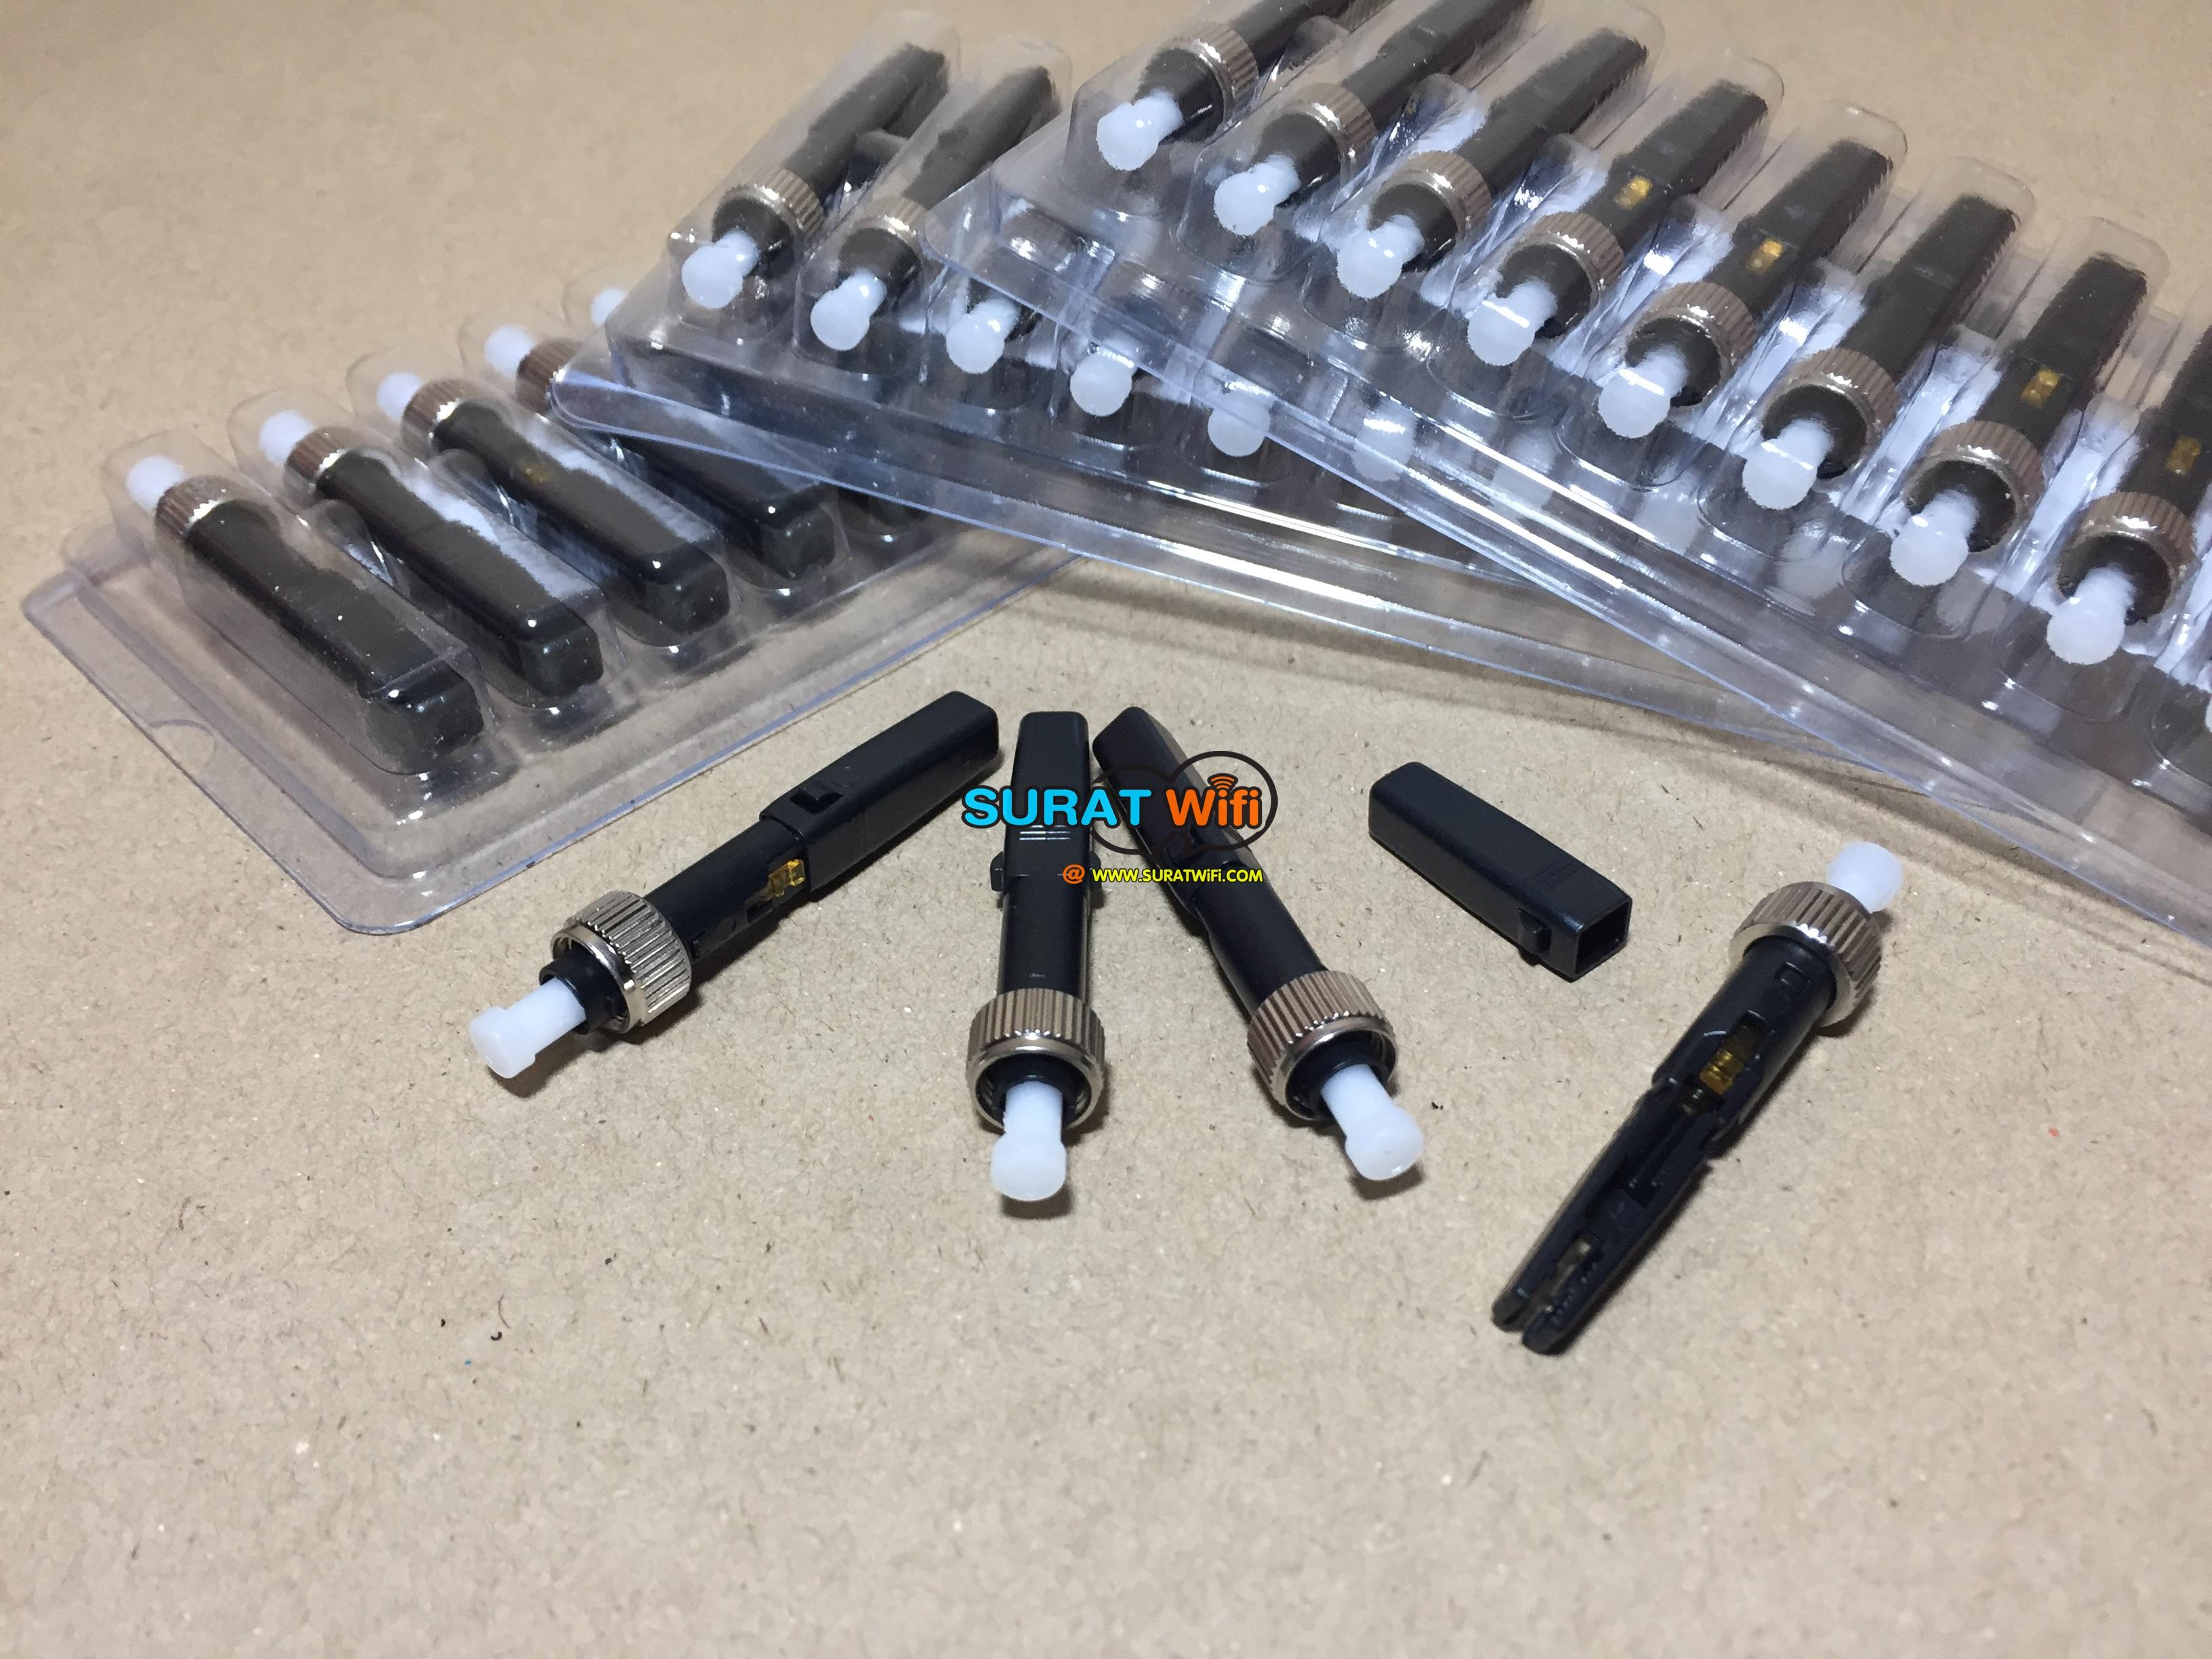 FC Fast Connector แบบแพ็ค สำหรับ เข้าหัวสาย Fiber Optic ด้วยตนเอง